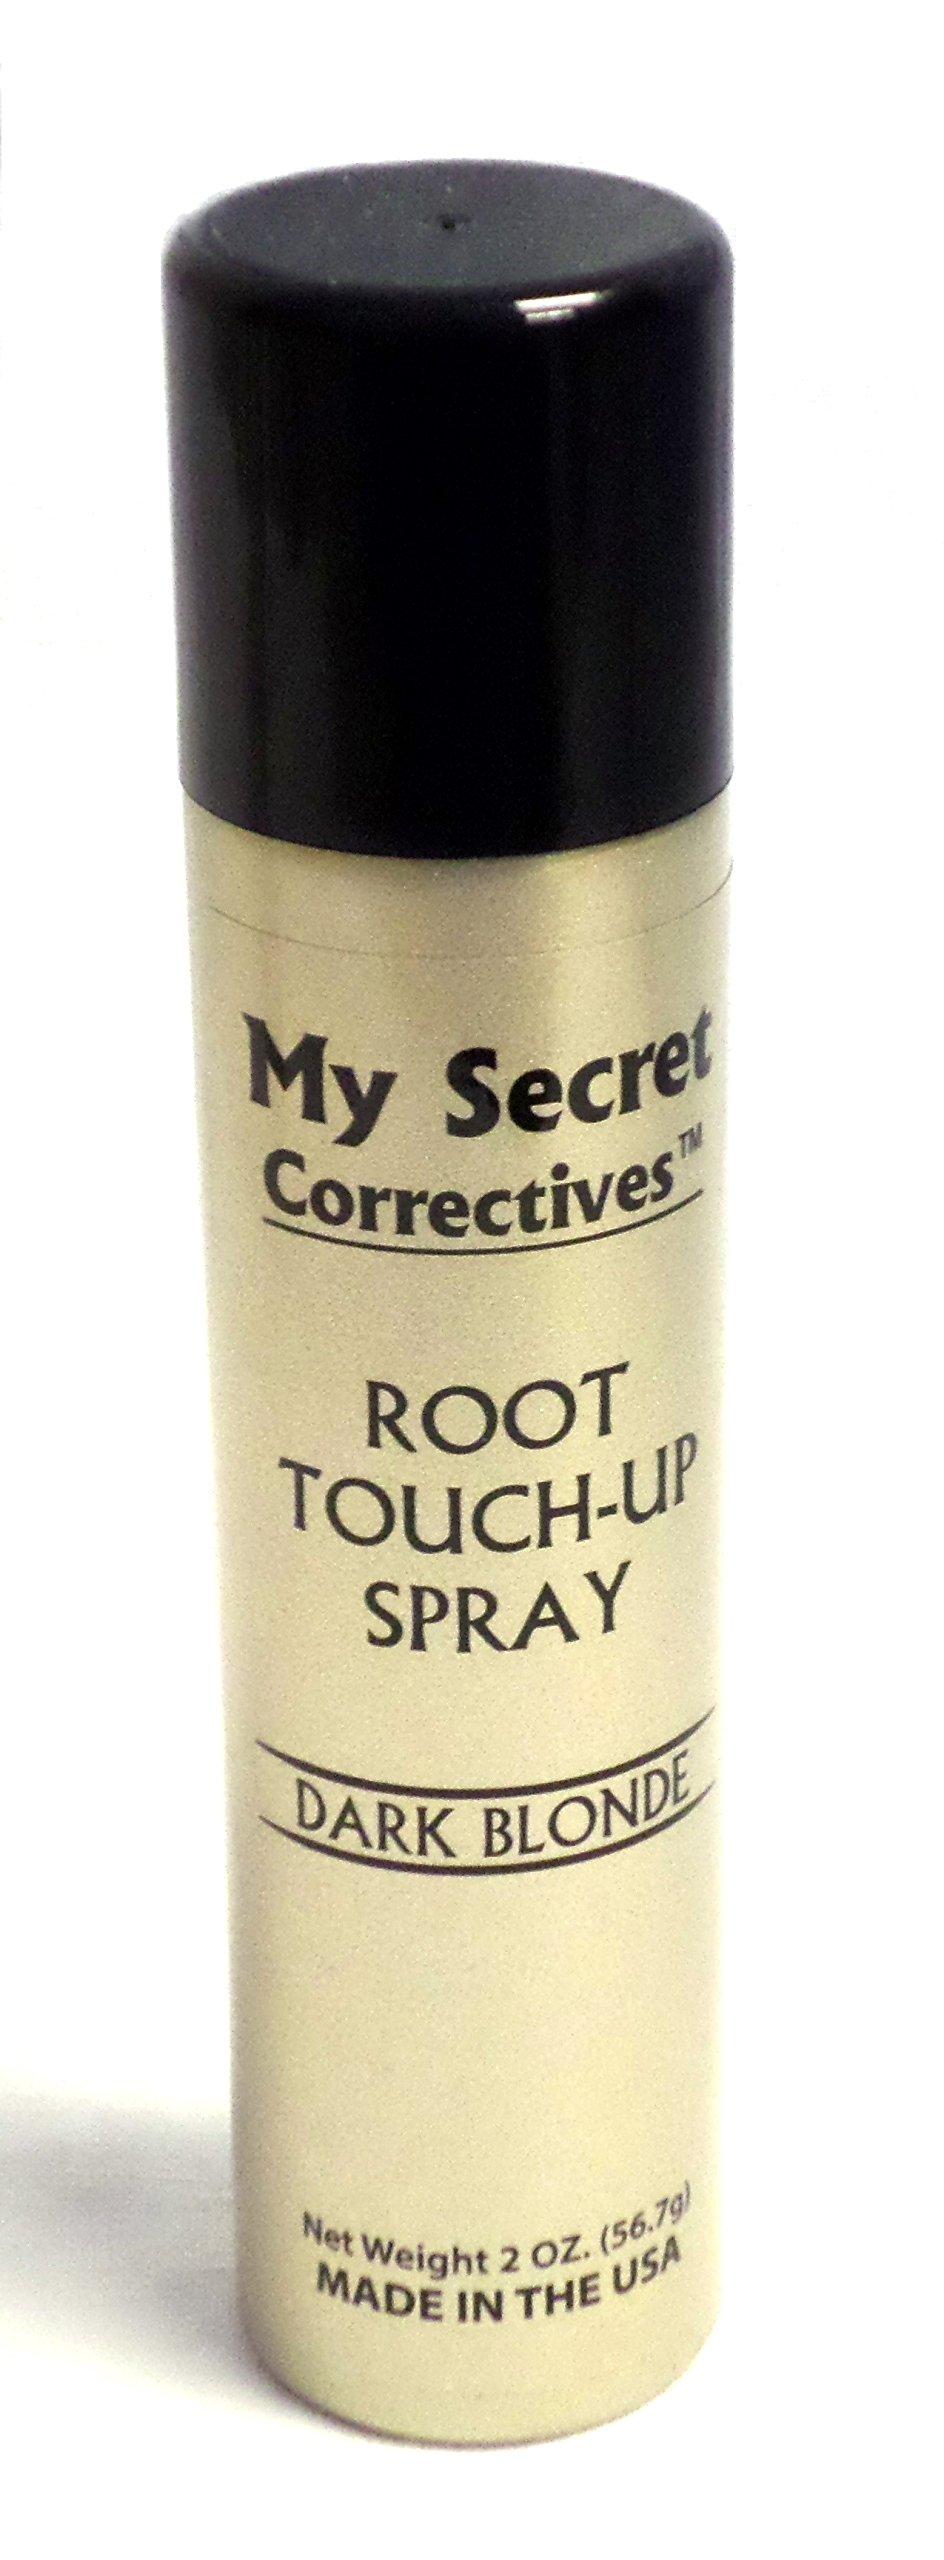 My Secret Correctives Root Touch-Up Spray 2 oz - Dark Blonde